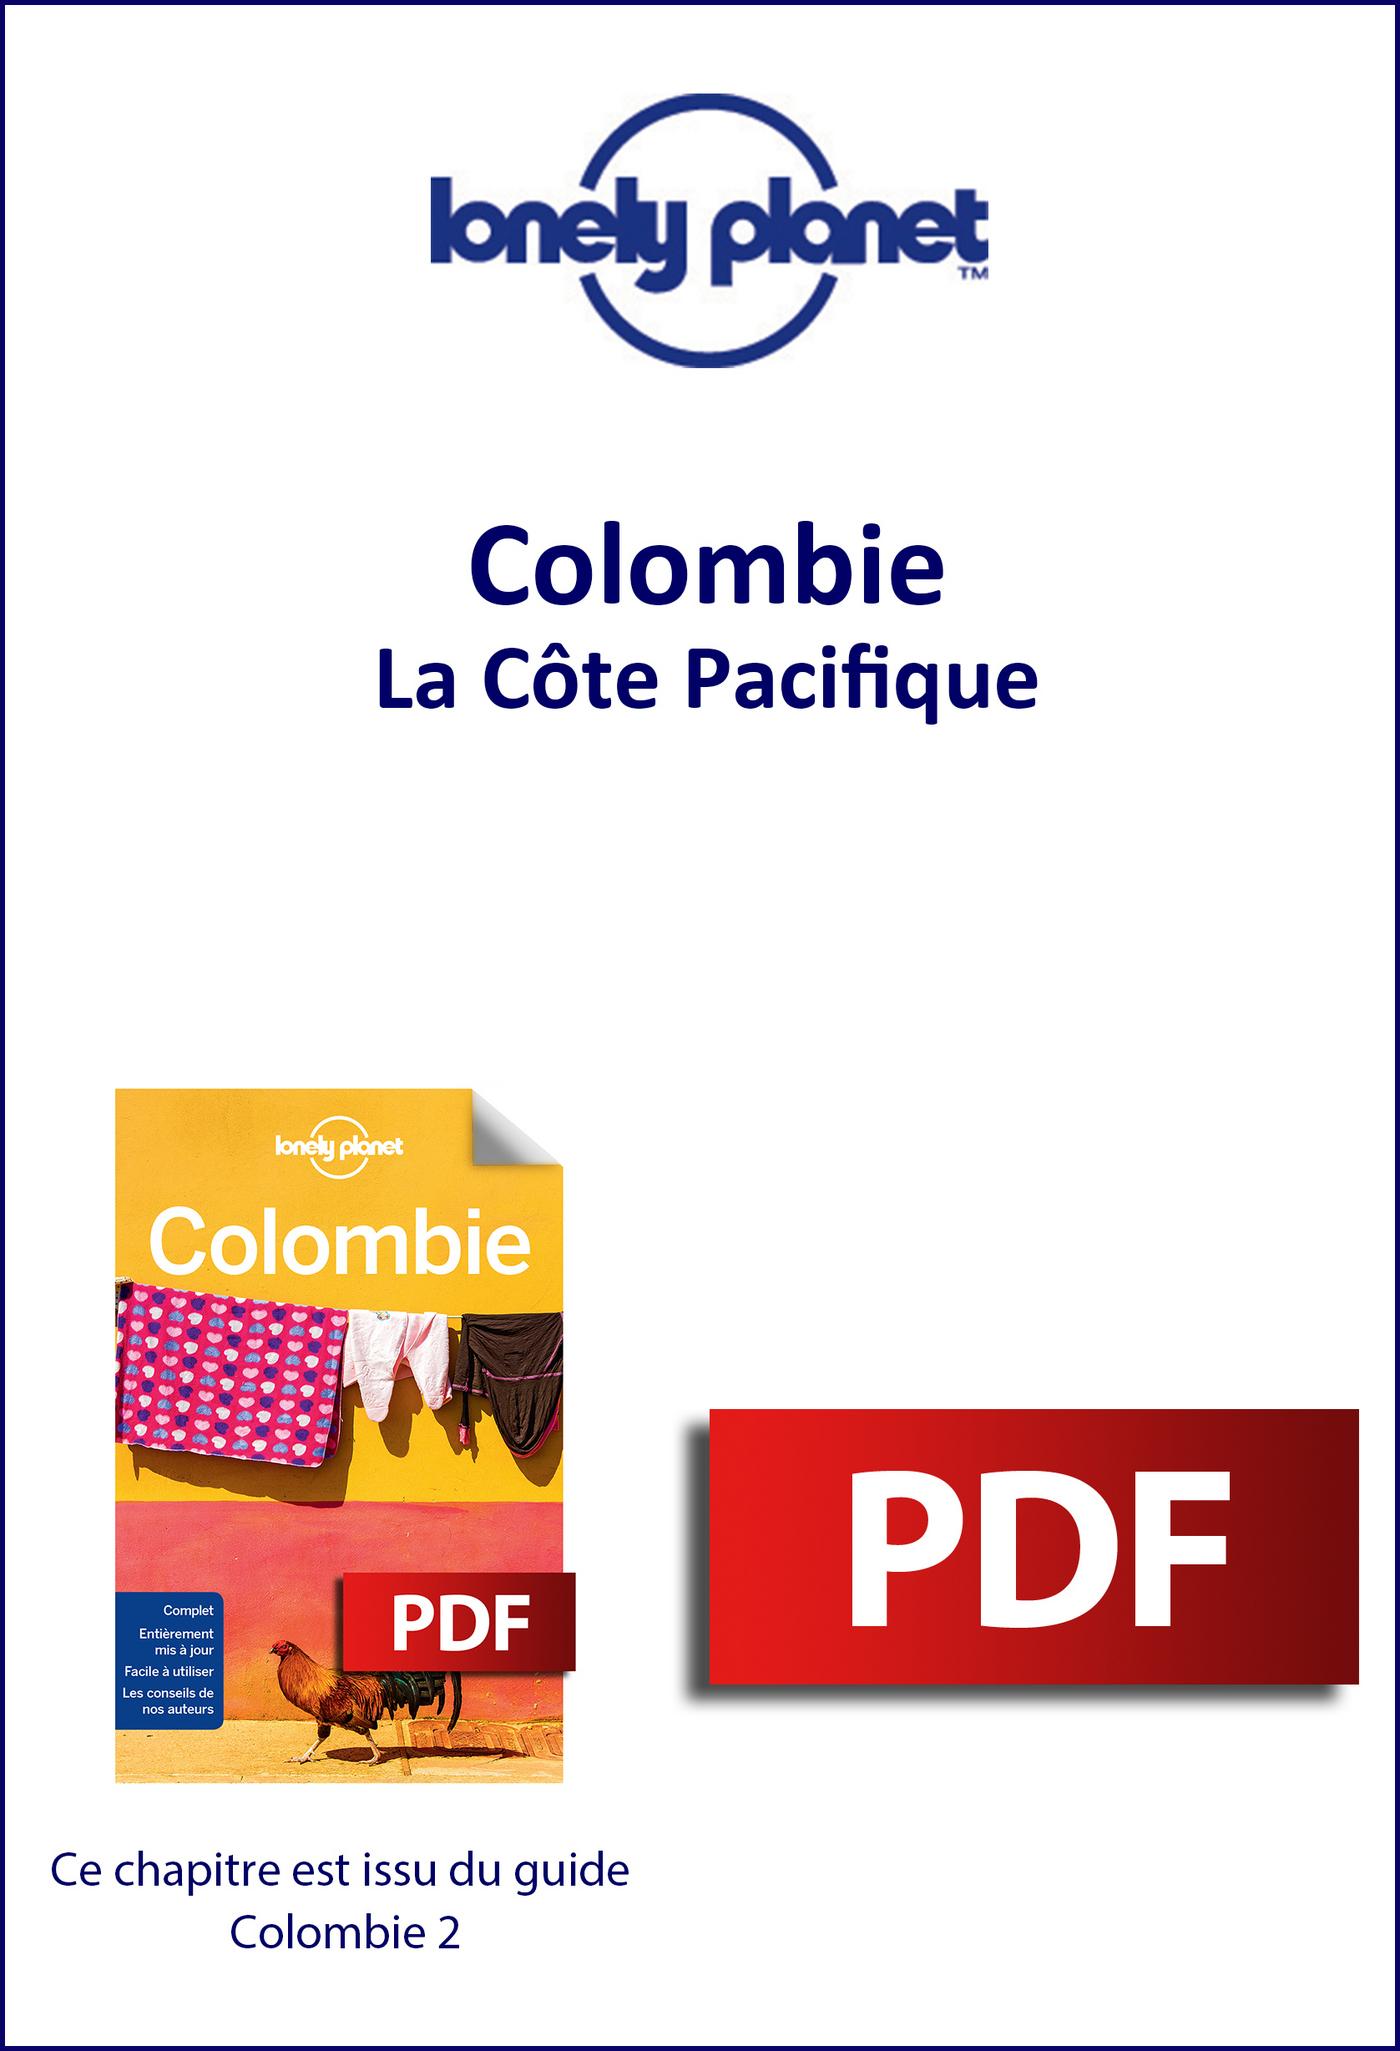 Colombie - La Côte Pacifique